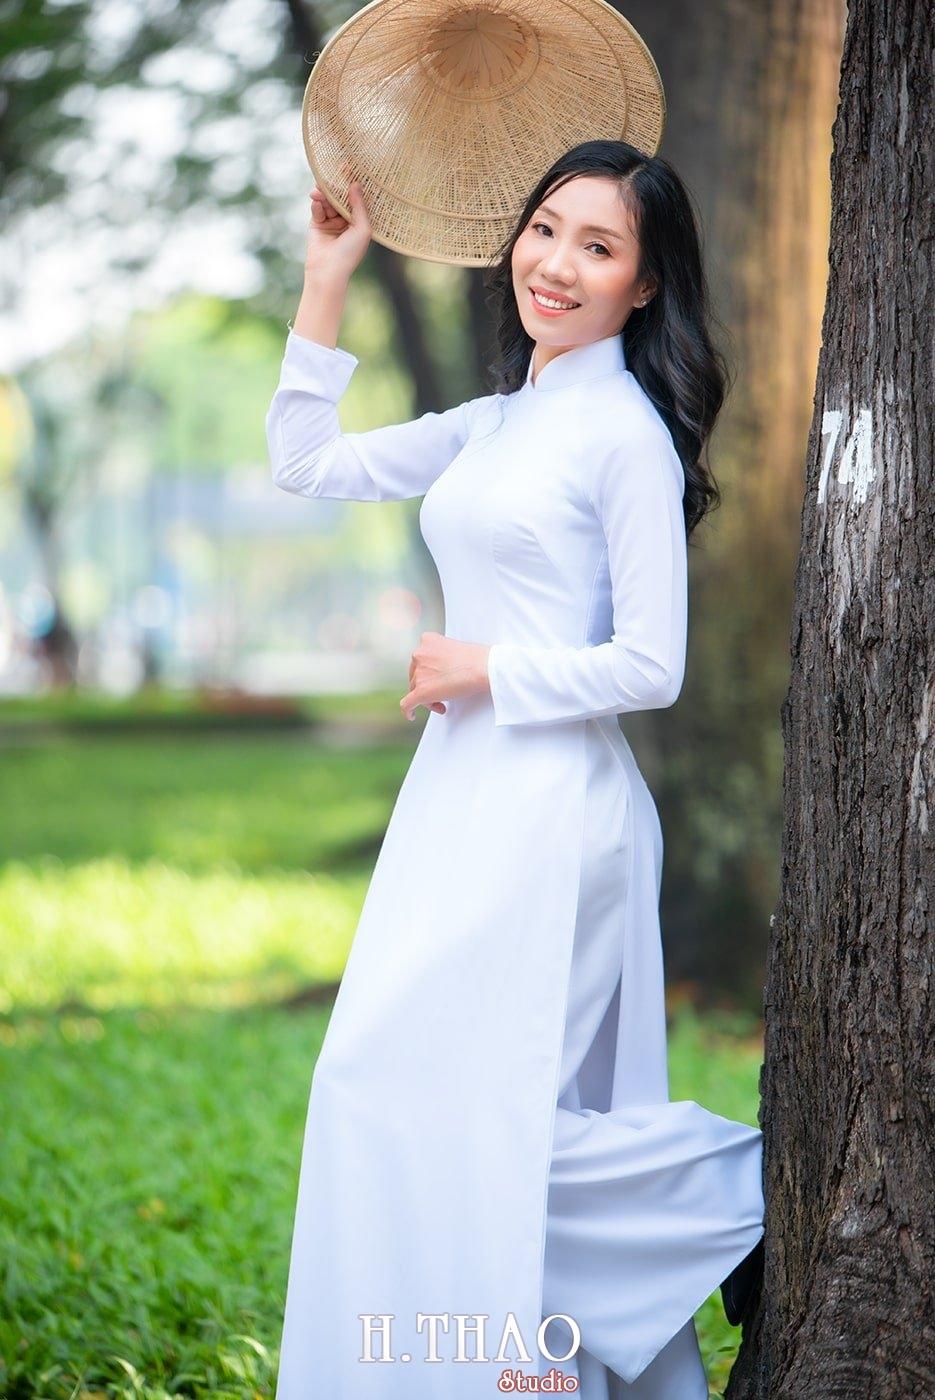 Ao dai nha tho duc ba 12 1 - Tổng hợp album ảnh áo dài chụp tại nhà thờ Đức Bà - HThao Studio